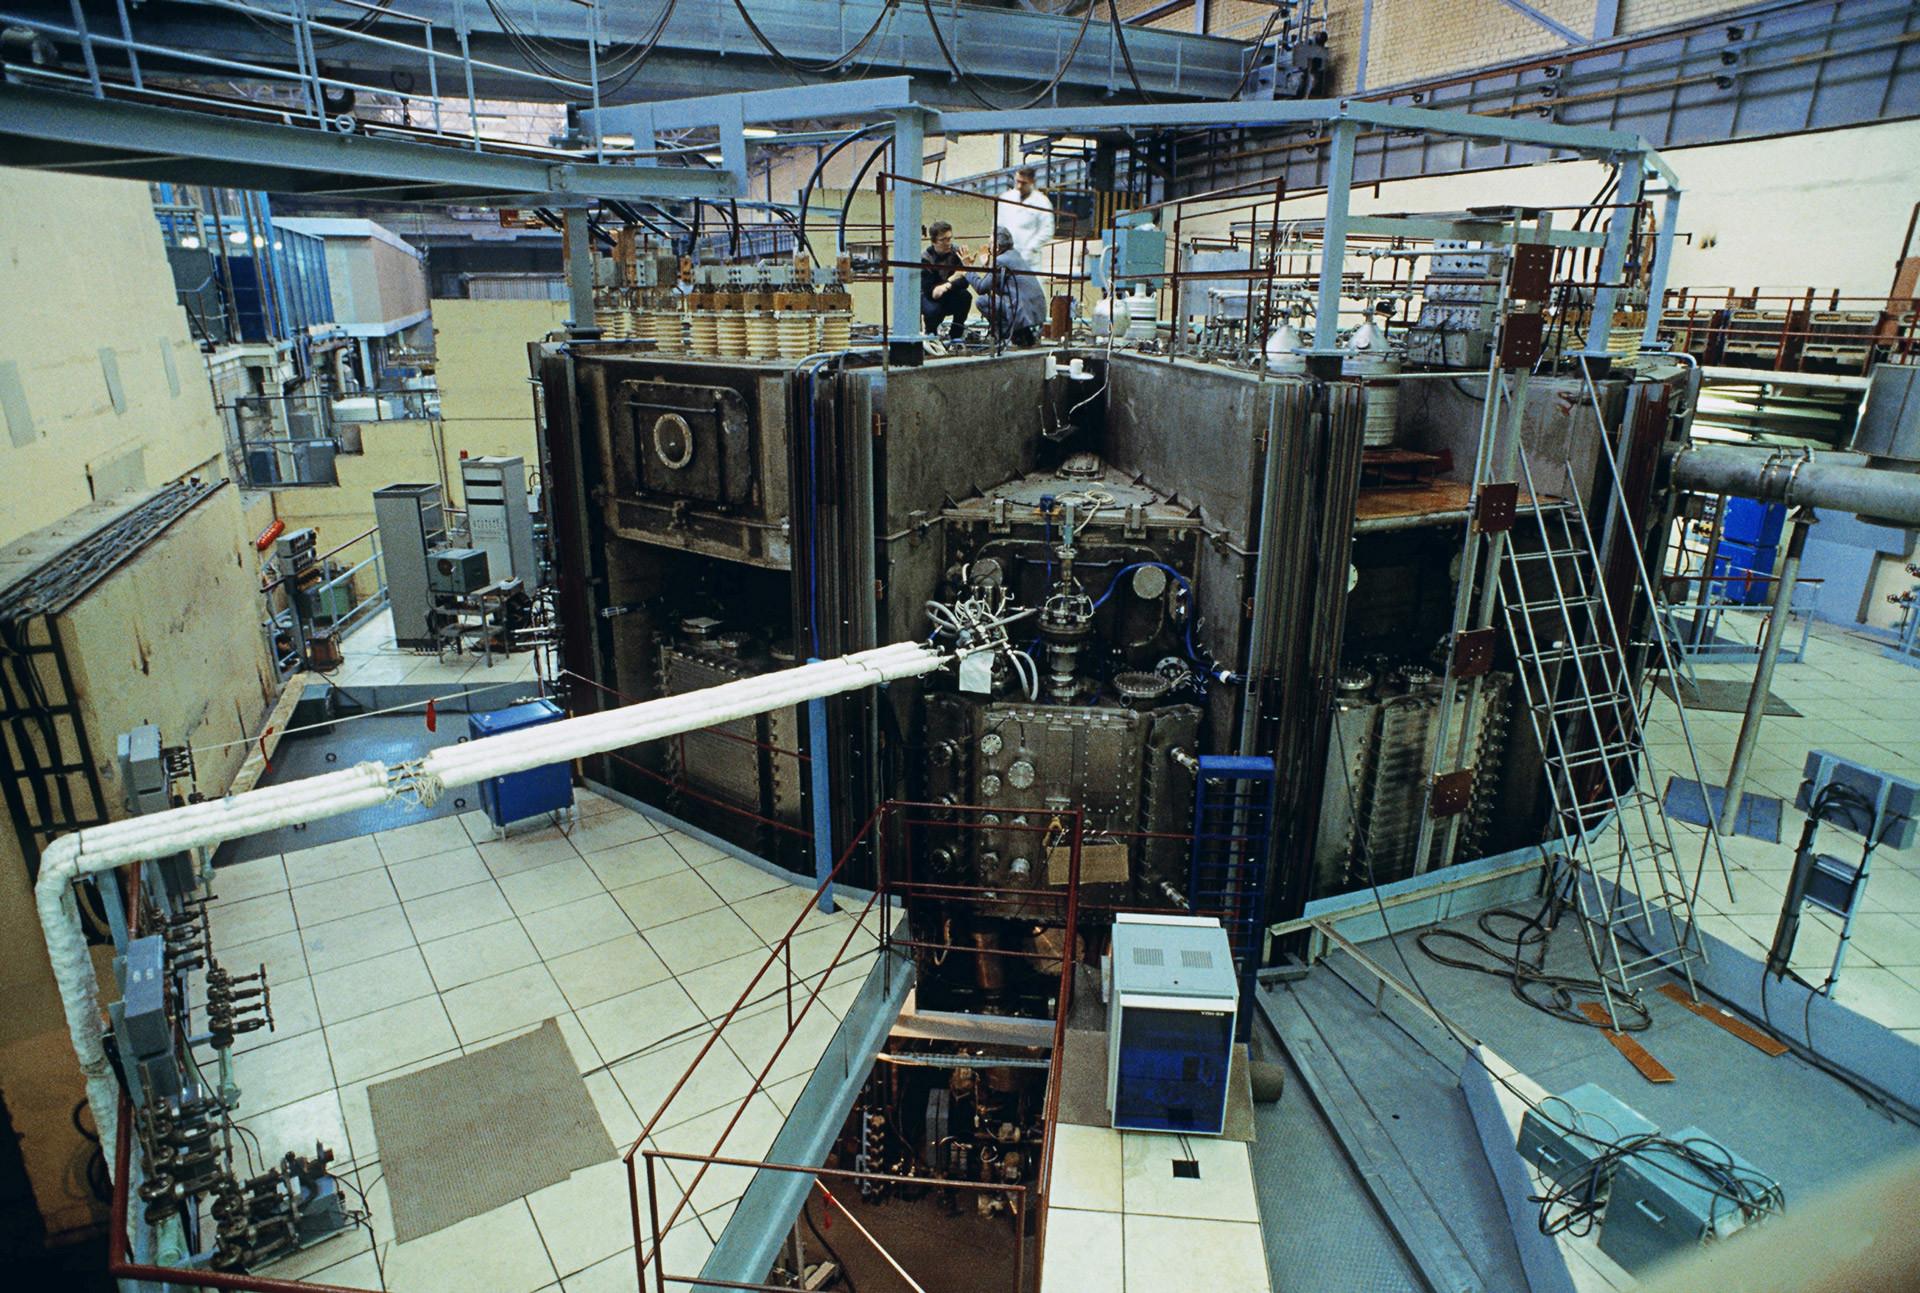 """Термоядерная установка """"Токамак-15"""" в Институте атомной энергии им. И.В.Курчатова. Фото: © РИА Новости/Борис Приходько"""